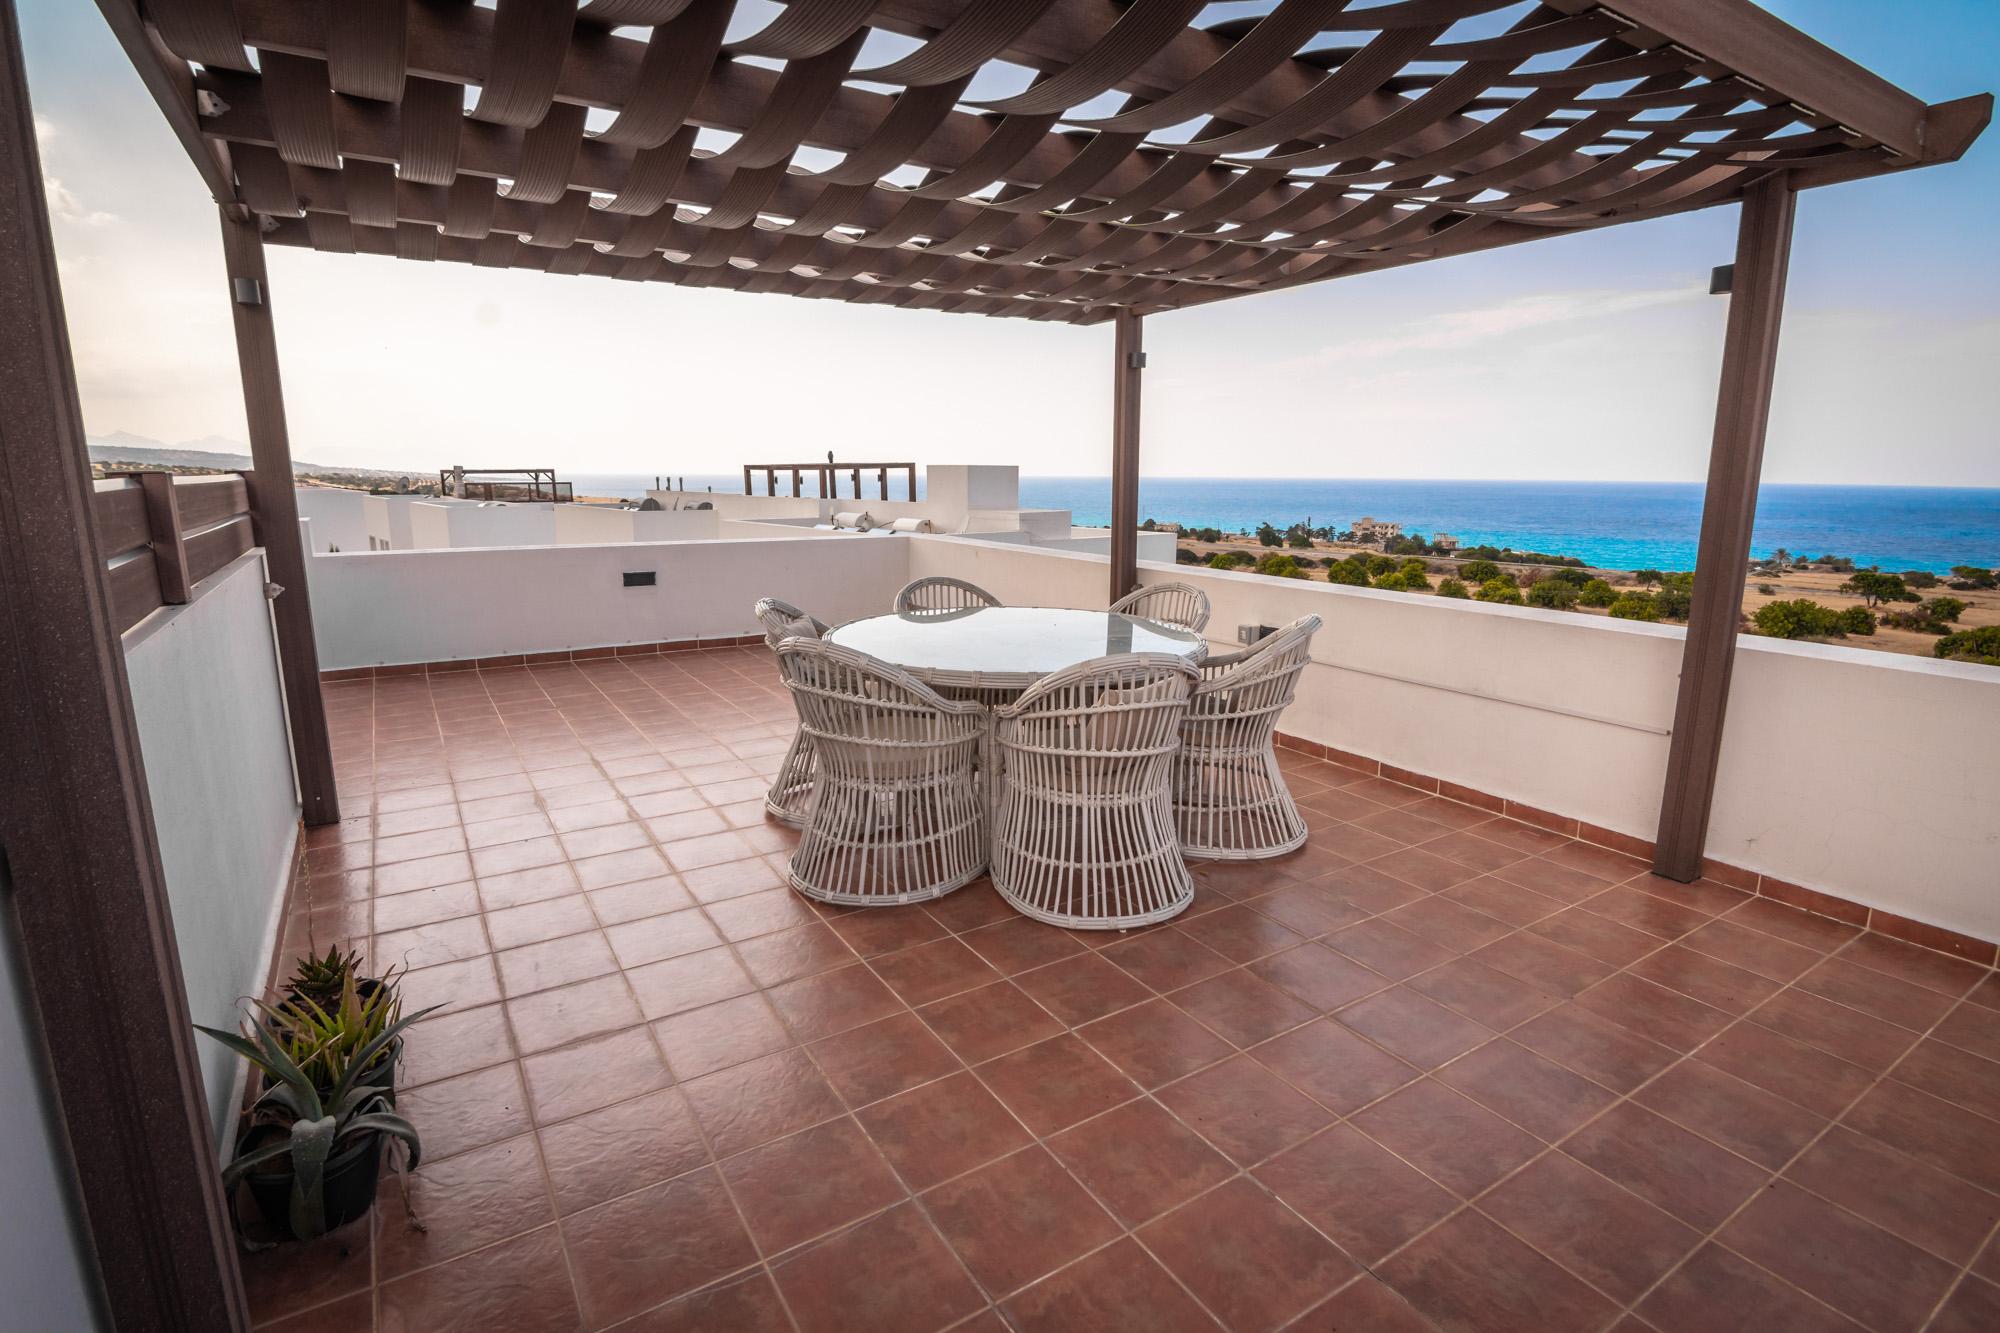 Apartment Joya Cyprus Moonlit Penthouse Apartment photo 20323352